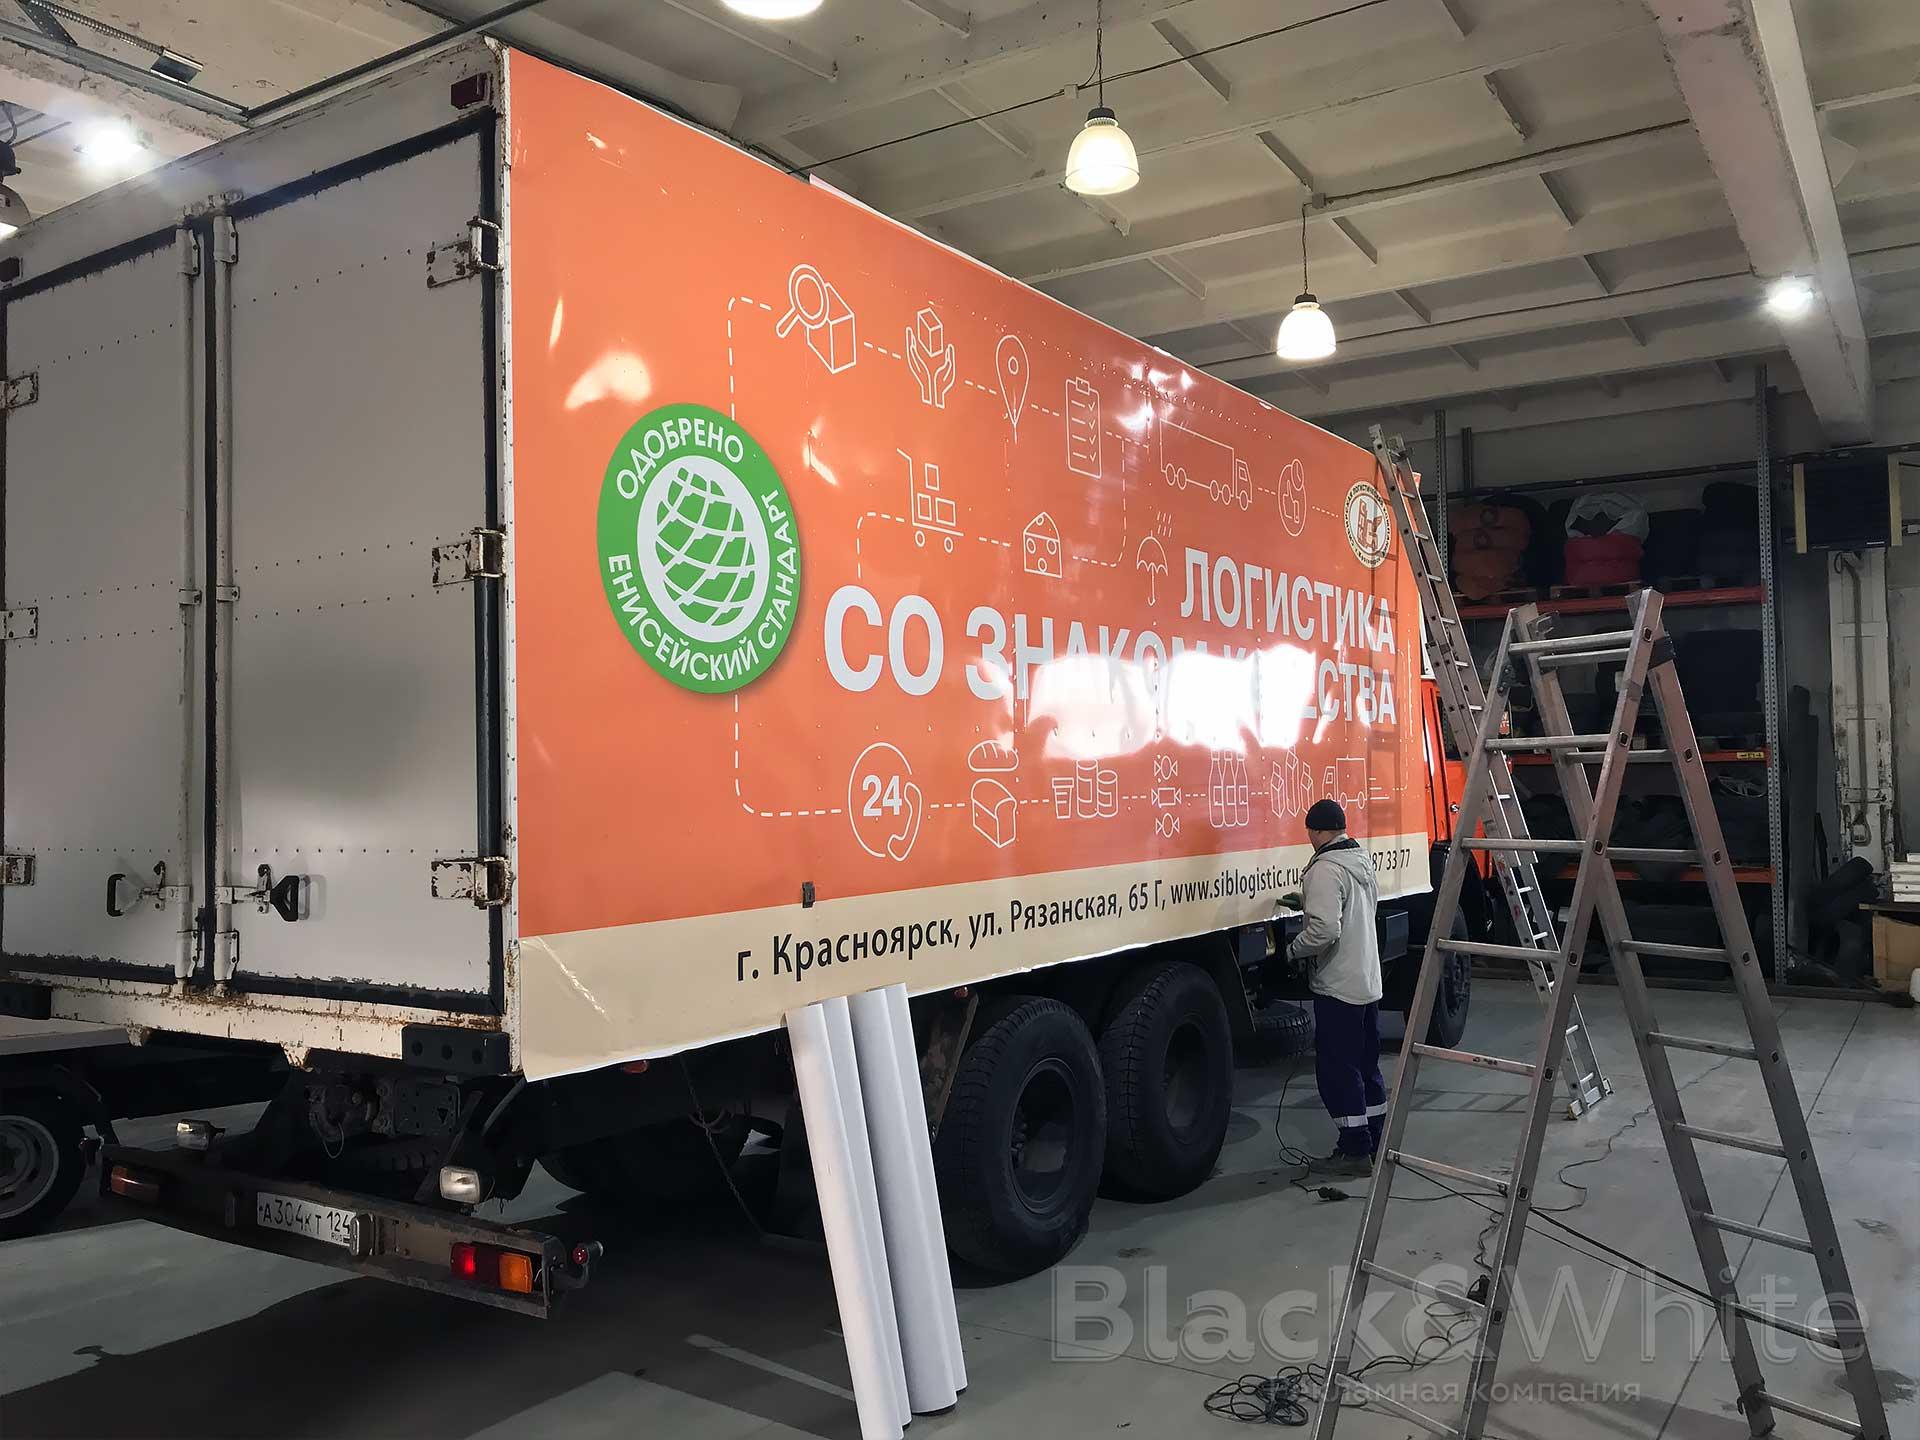 Брендирование-грузовых-автомобилей-виниловой-плёнкой-в-красноярске-Black&White-bw-.jpg